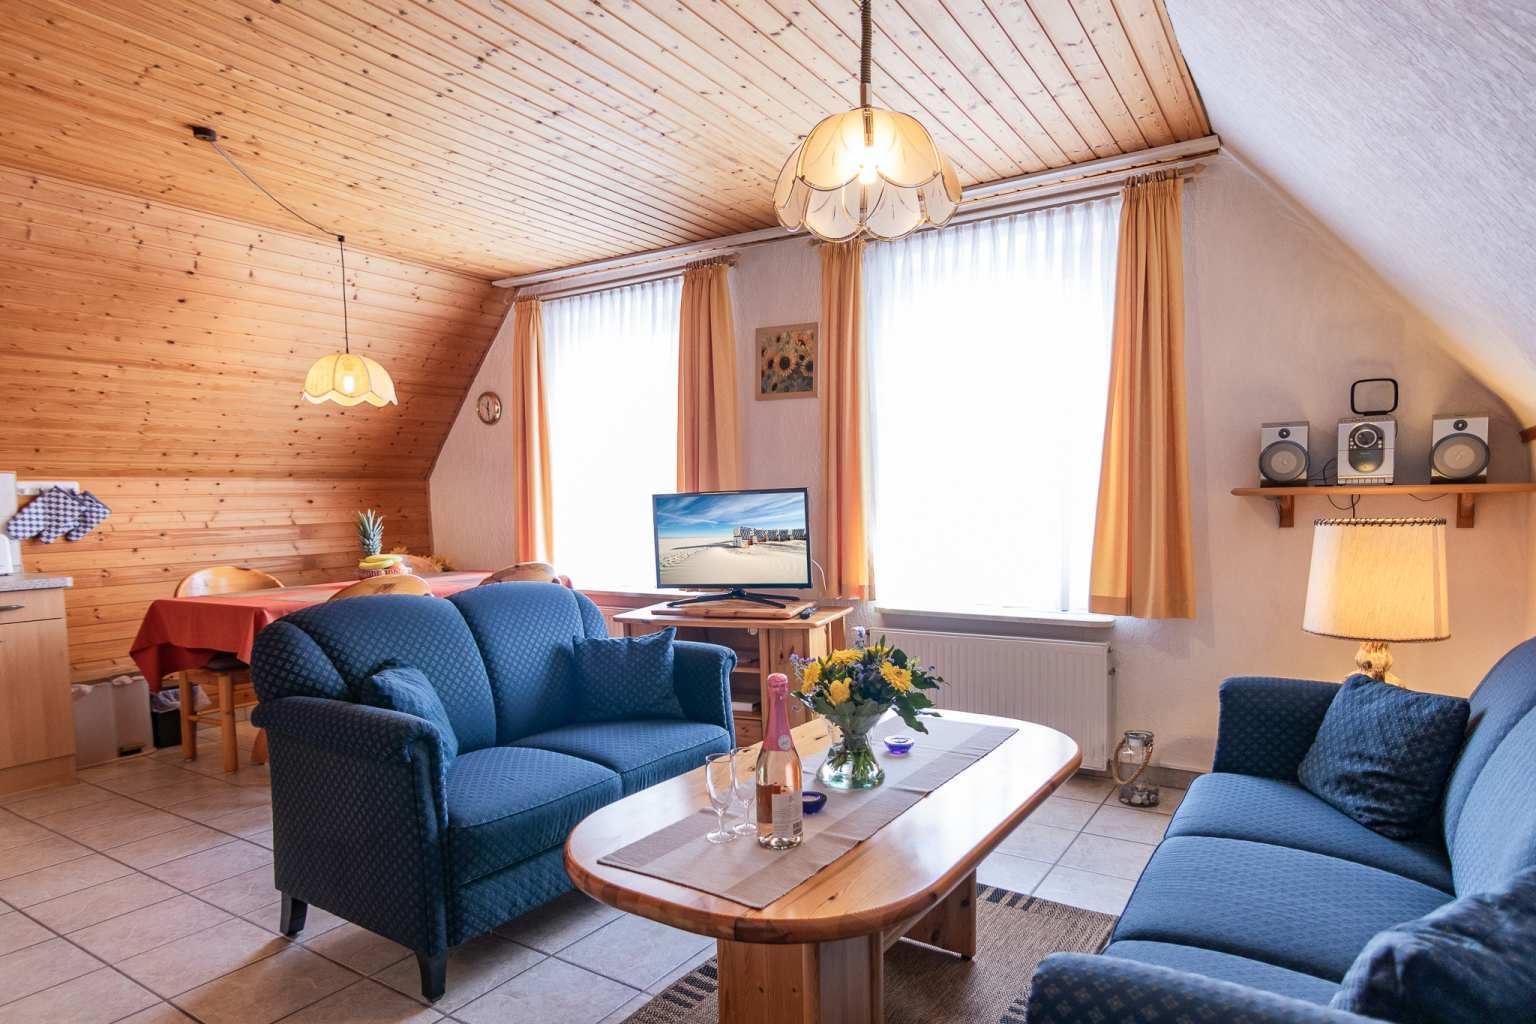 Wohnzimmer - Haus Sturmmoewe, Wohnung 3, 3-Zimmer-Ferienwohnung, Badallee 27-27a, St. Peter-Dorf